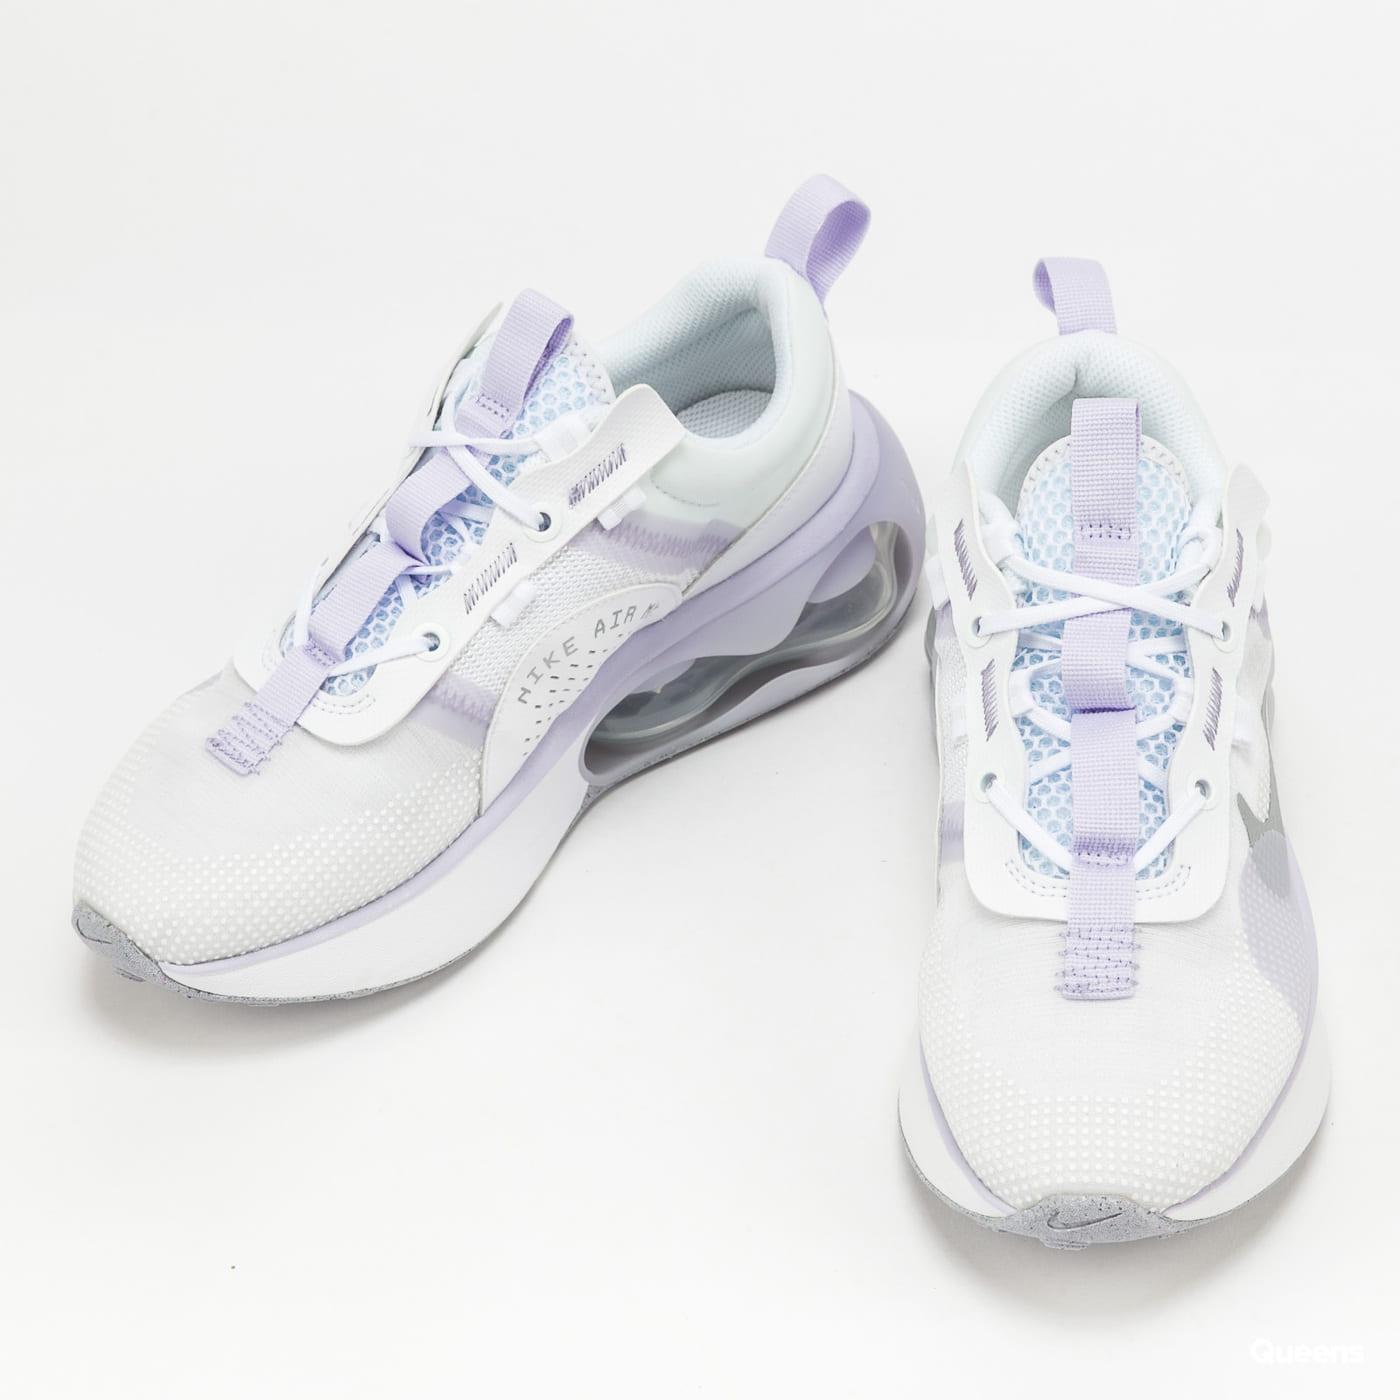 Nike Air Max 2021 (GS) white / metallic silver